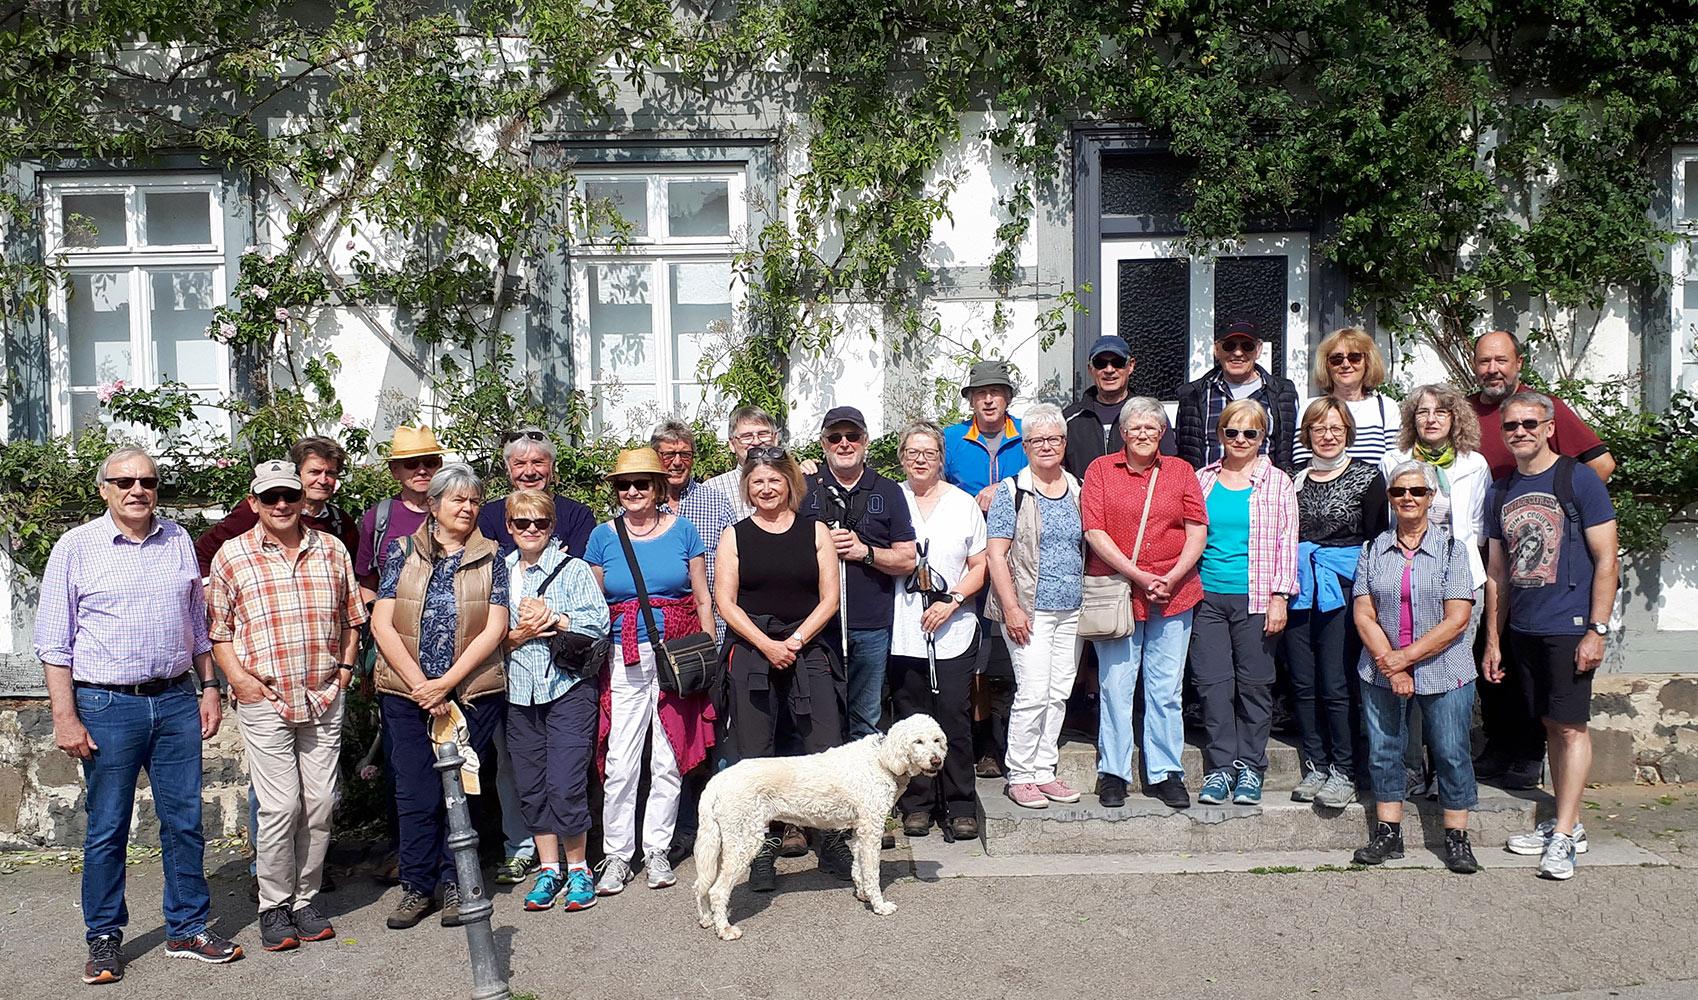 Gruppenfoto der Teilnehmer der Wanderung